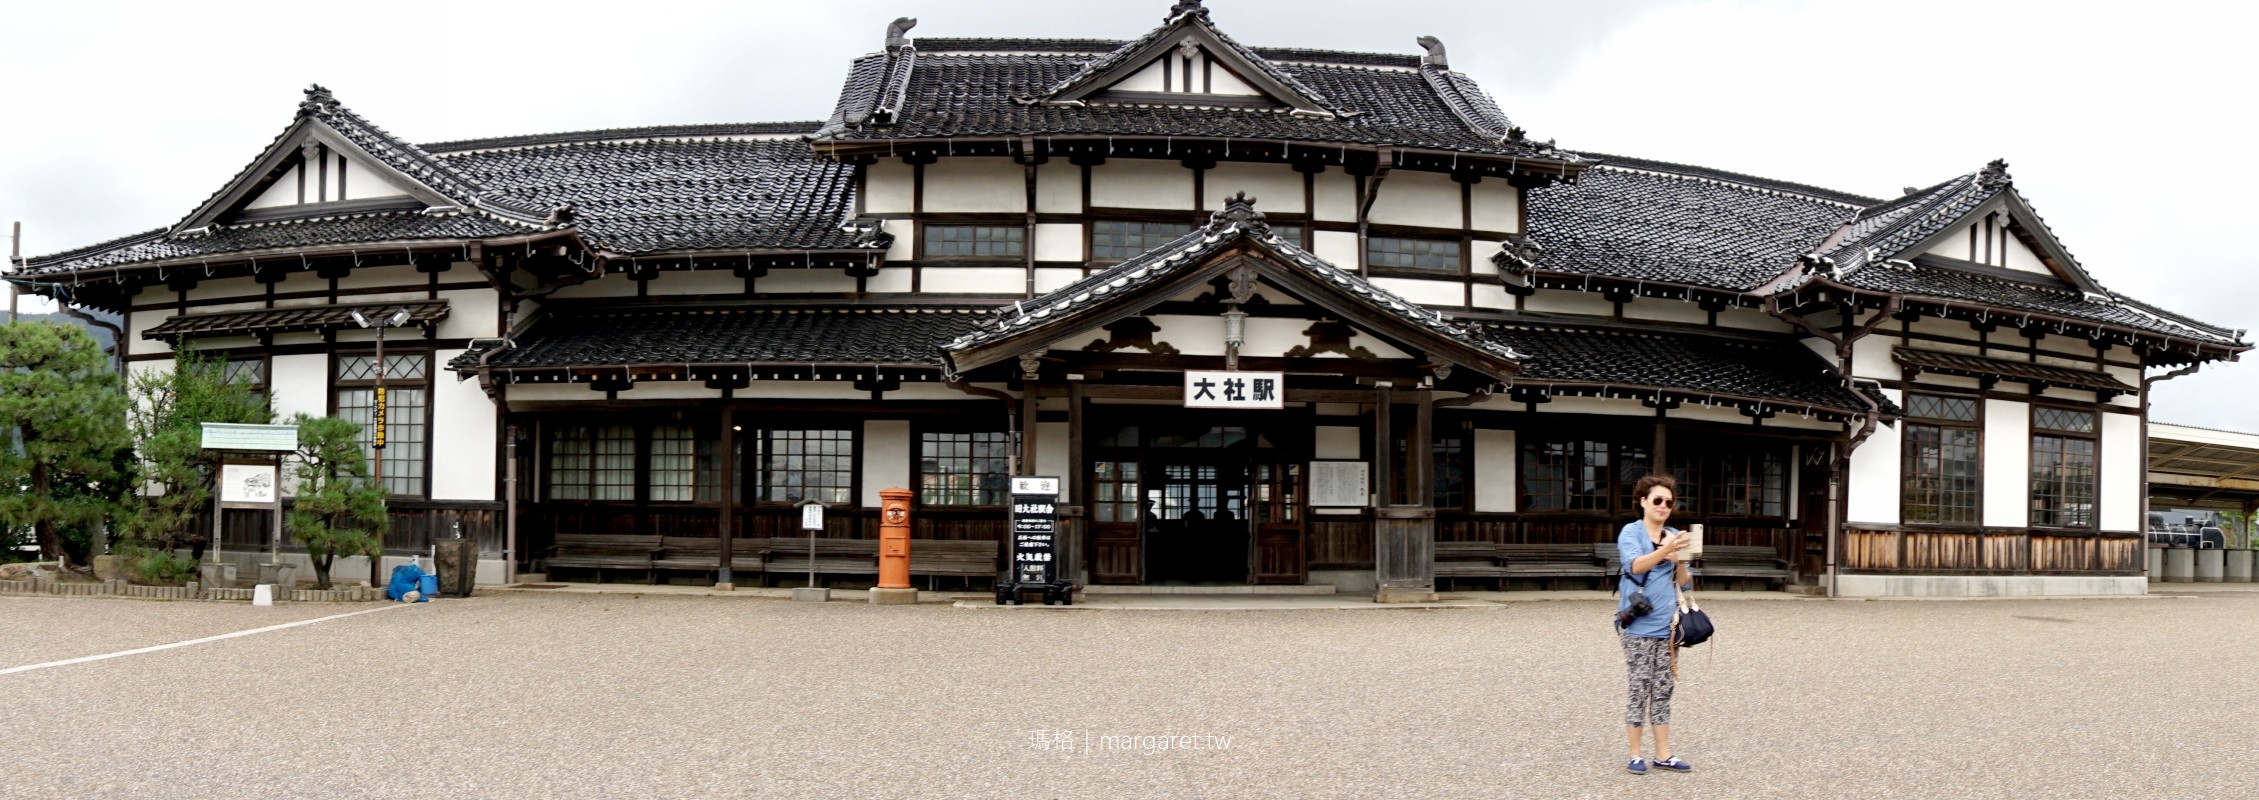 舊大社駅百年老車站。出雲大正風格建築|日本島根之旅